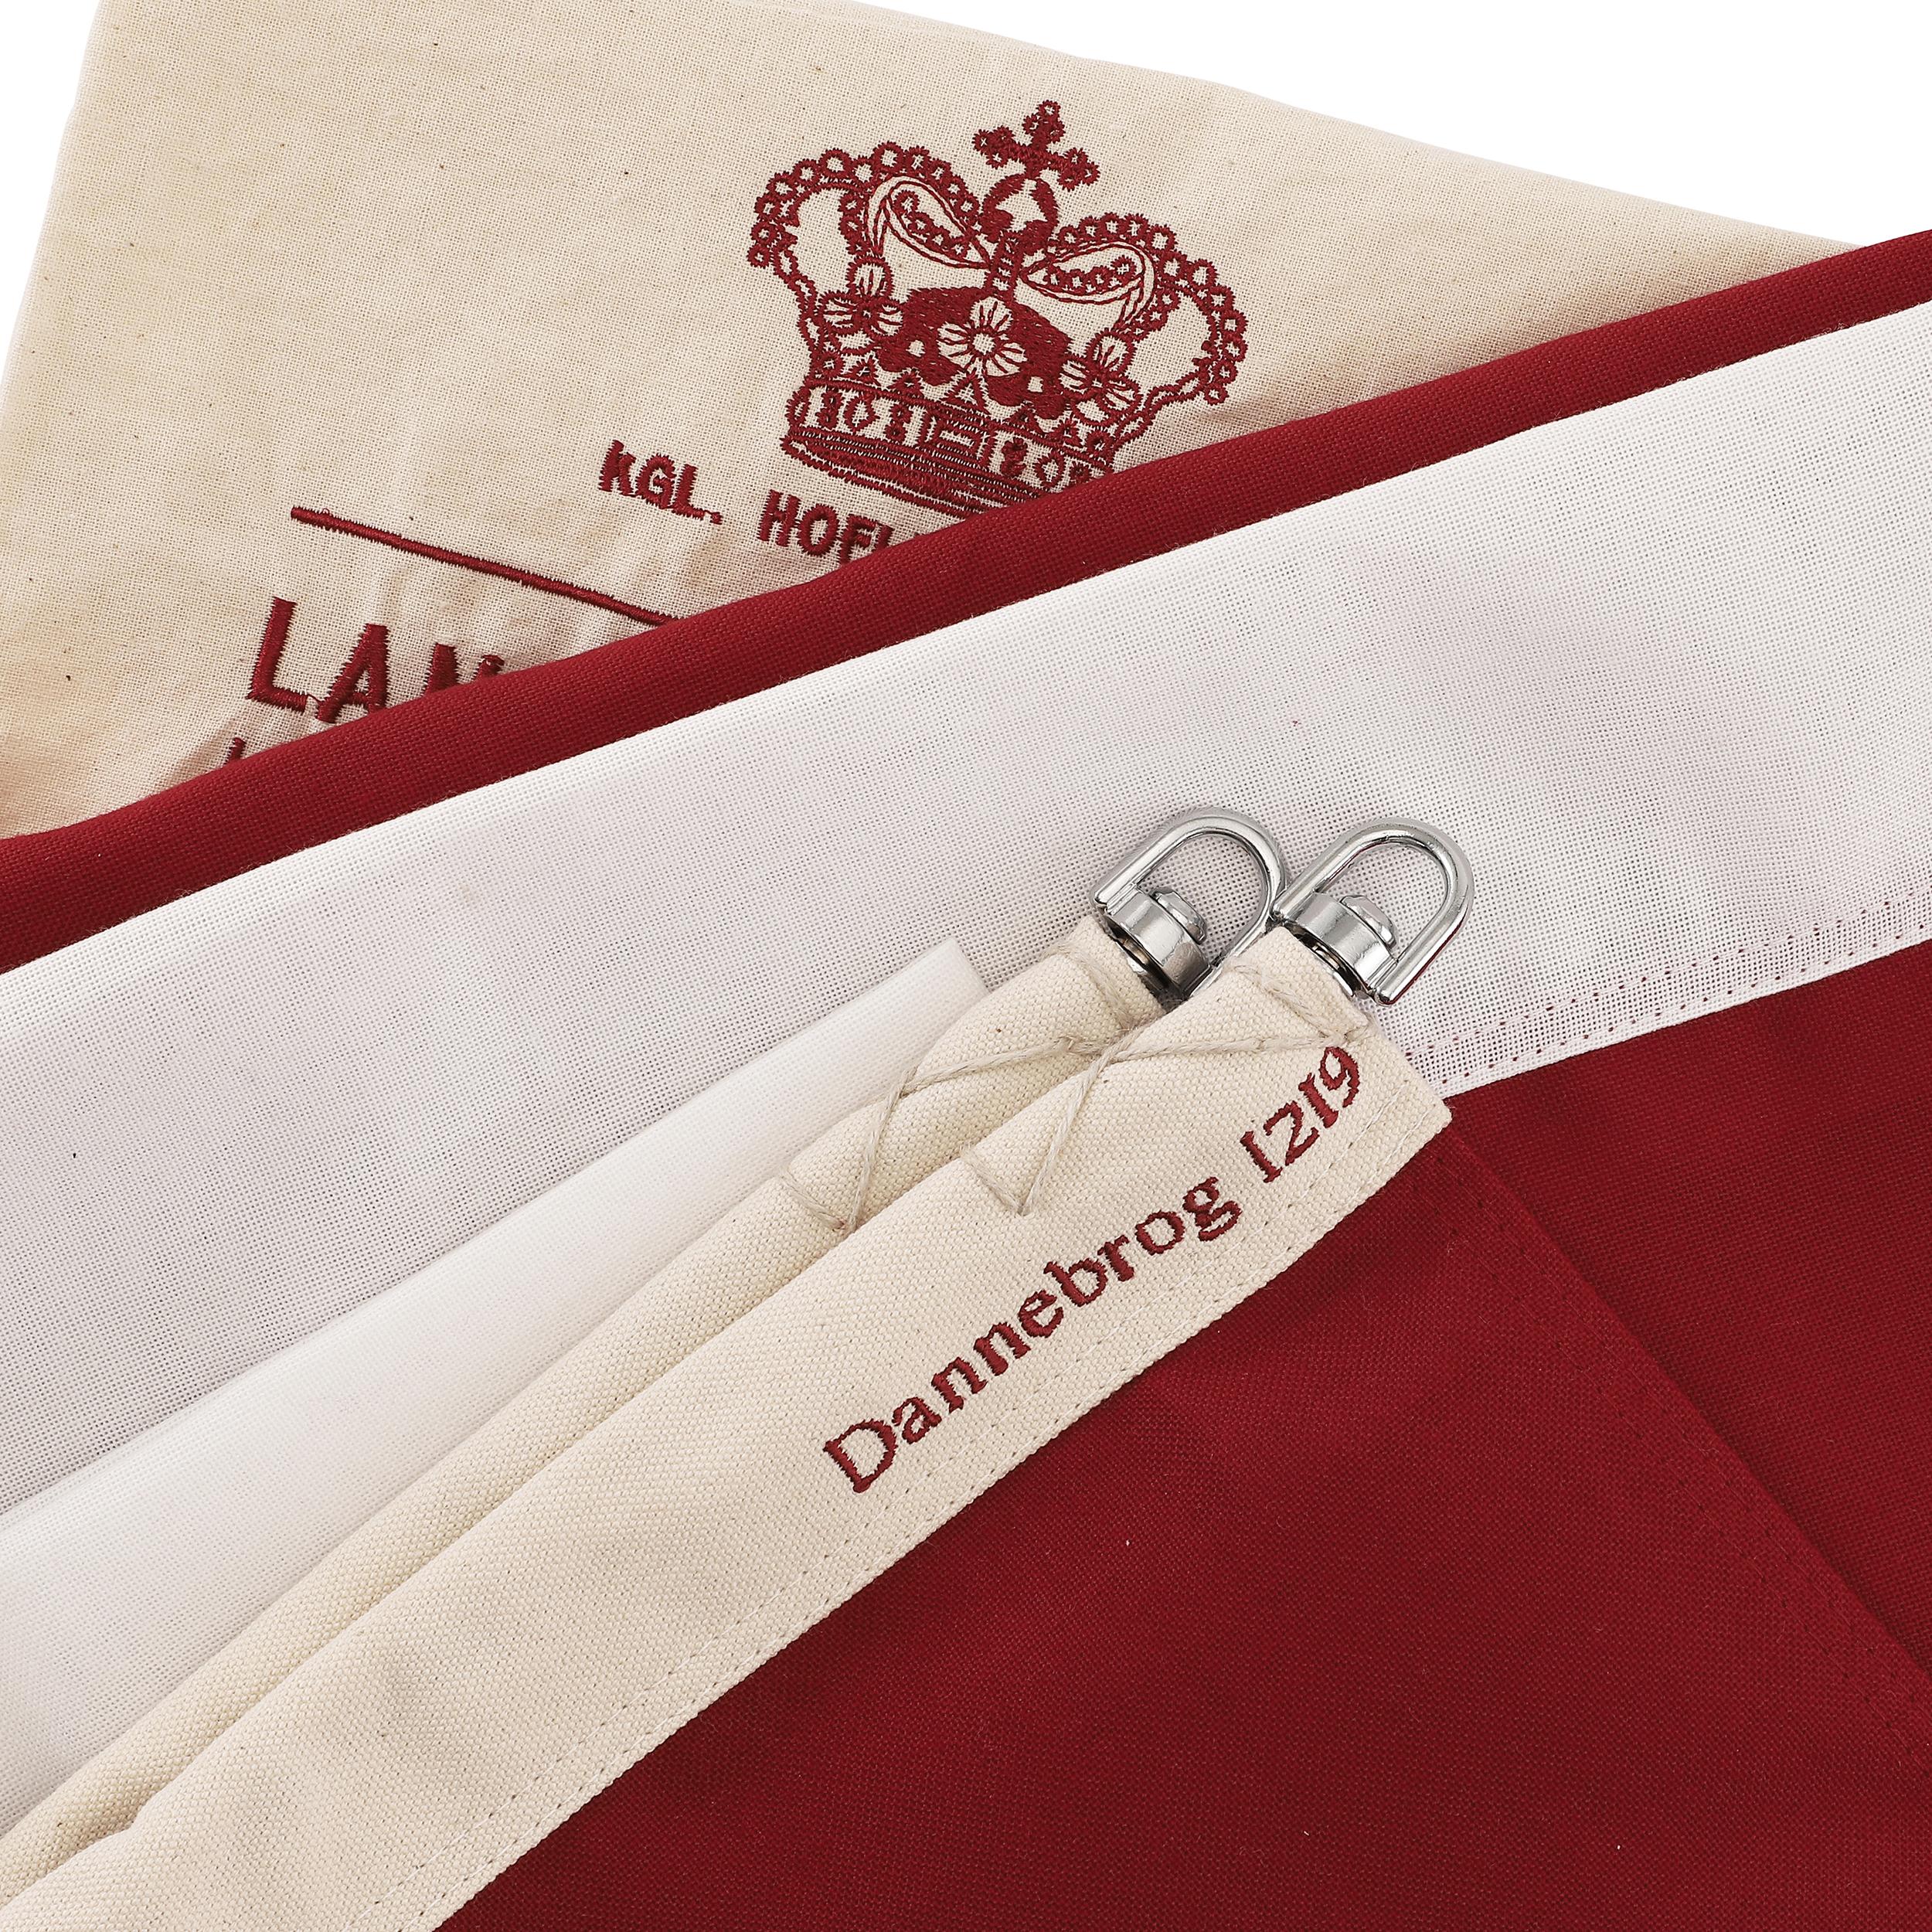 Afholte Jubilæums flag i luksuskvalitet - køb Dannebrogsflag hos Langkilde DS-96